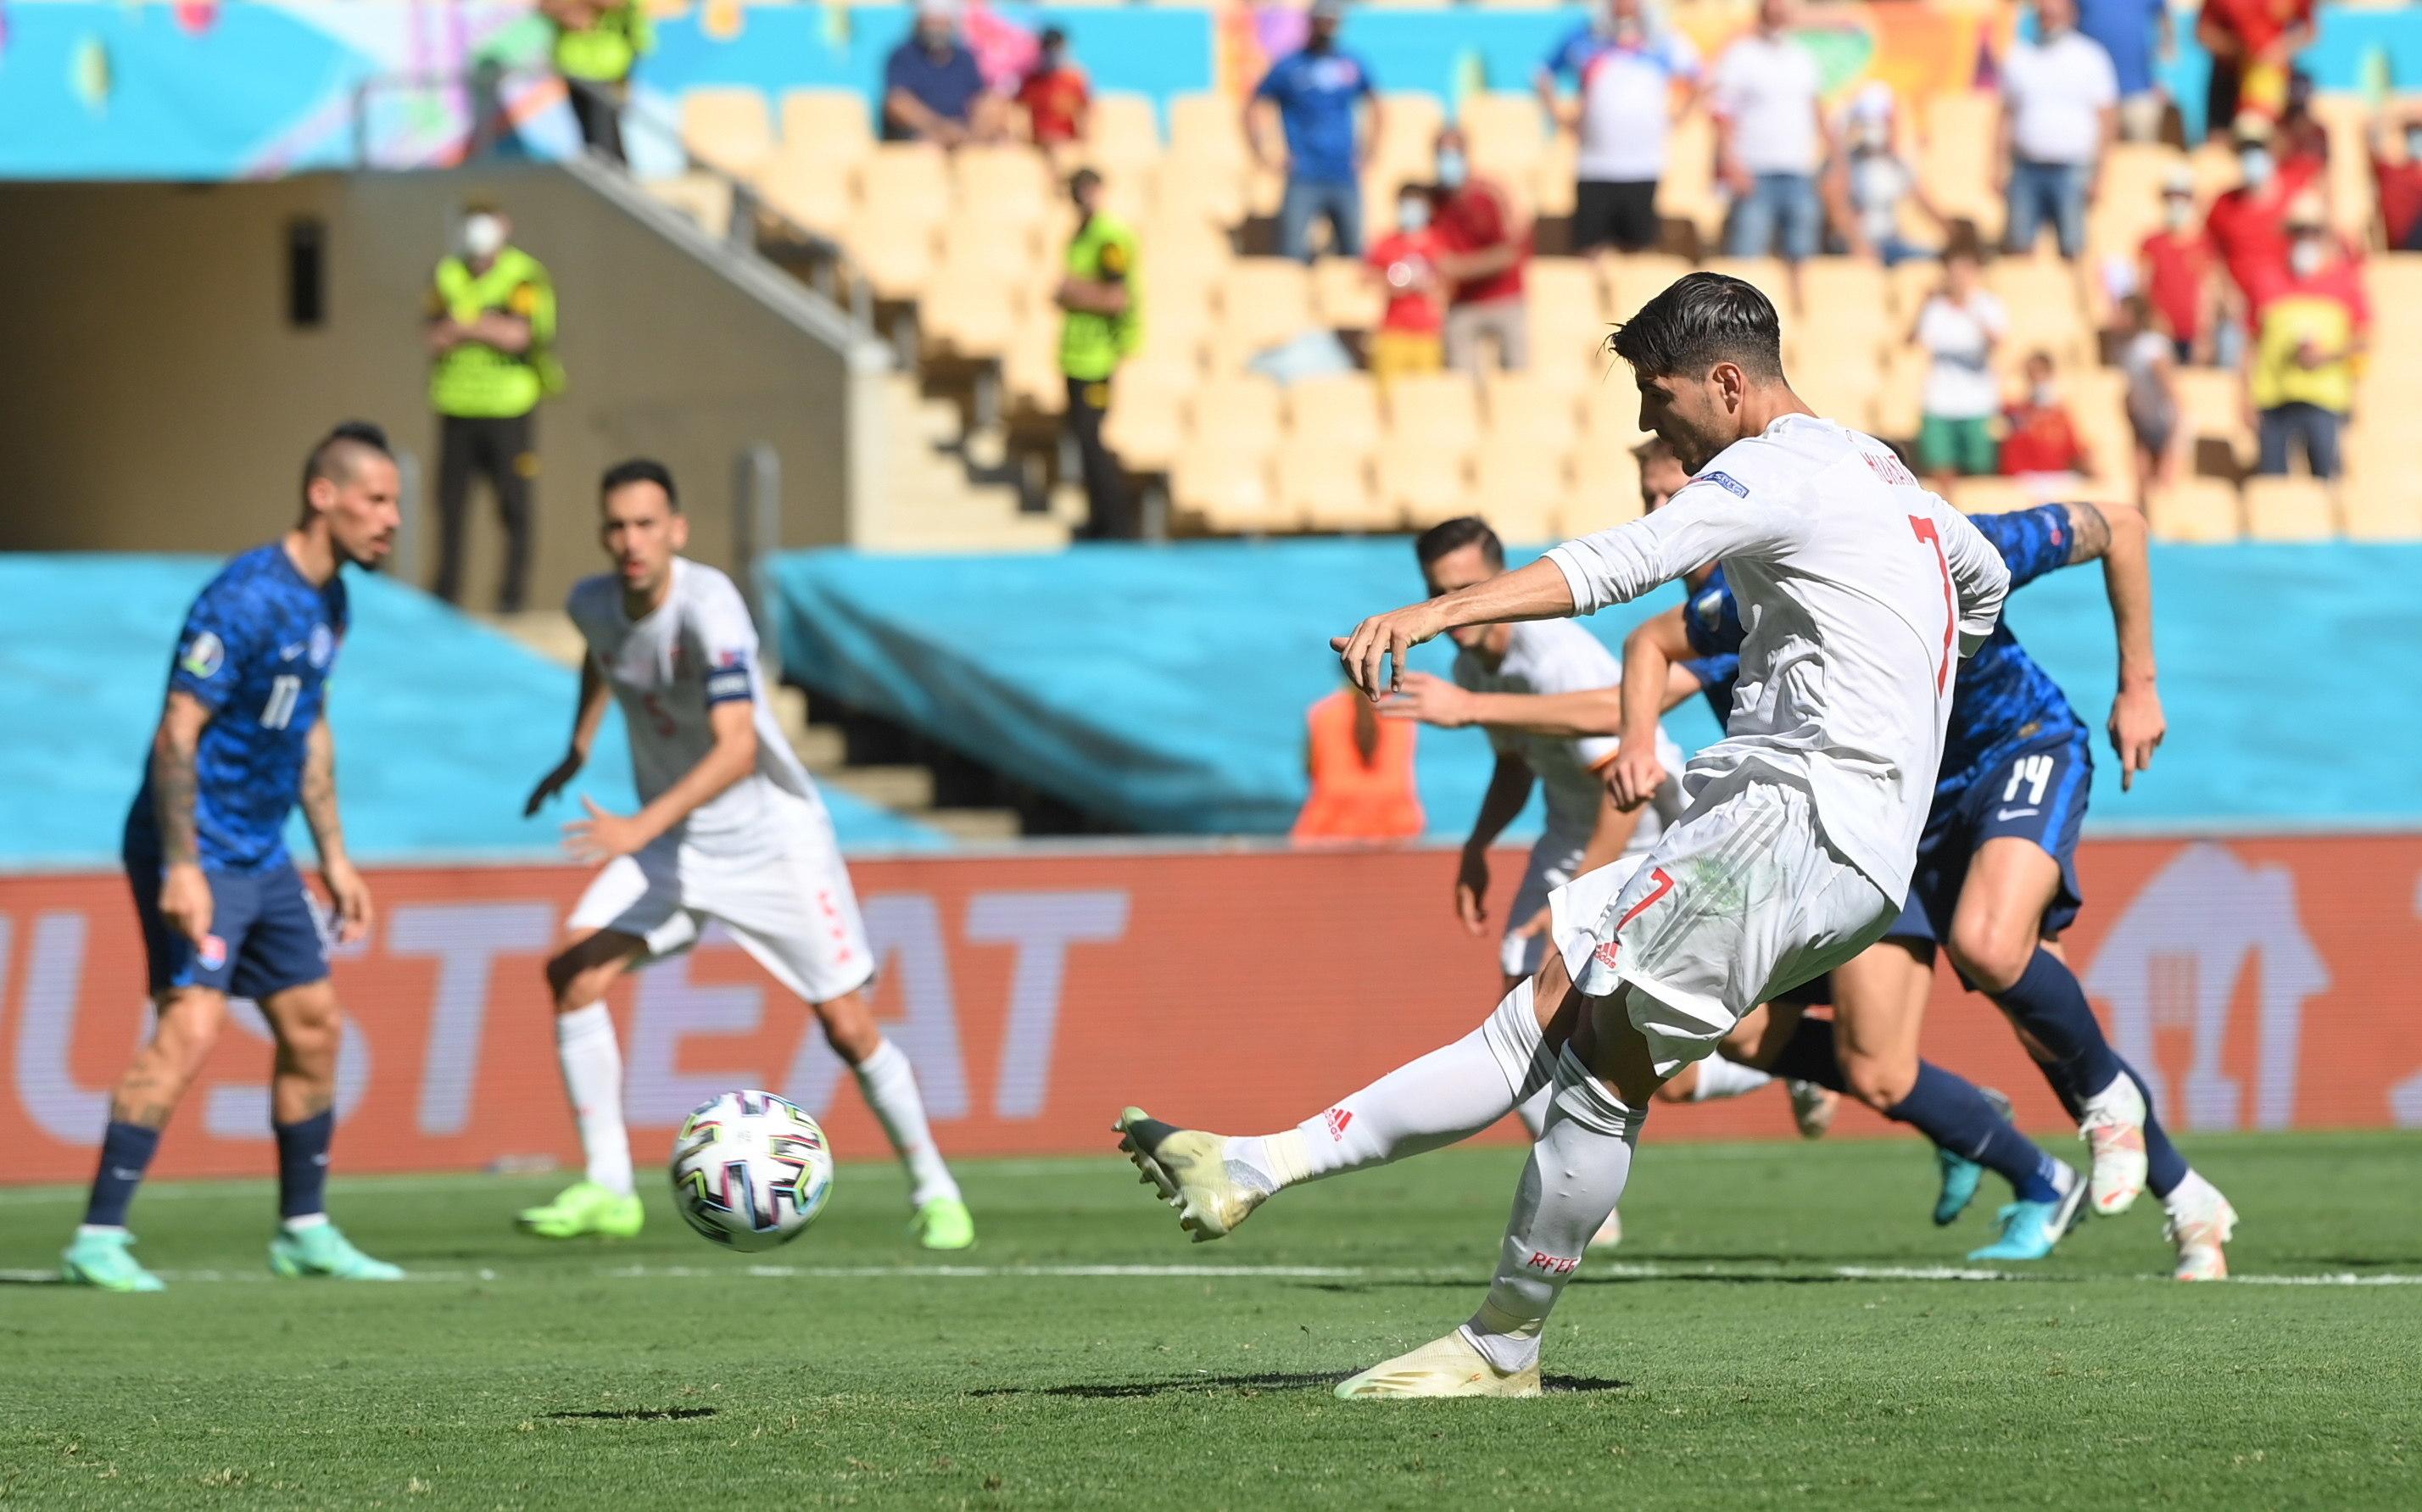 Moranta lanza el penalti que falló ante Eslovaquia